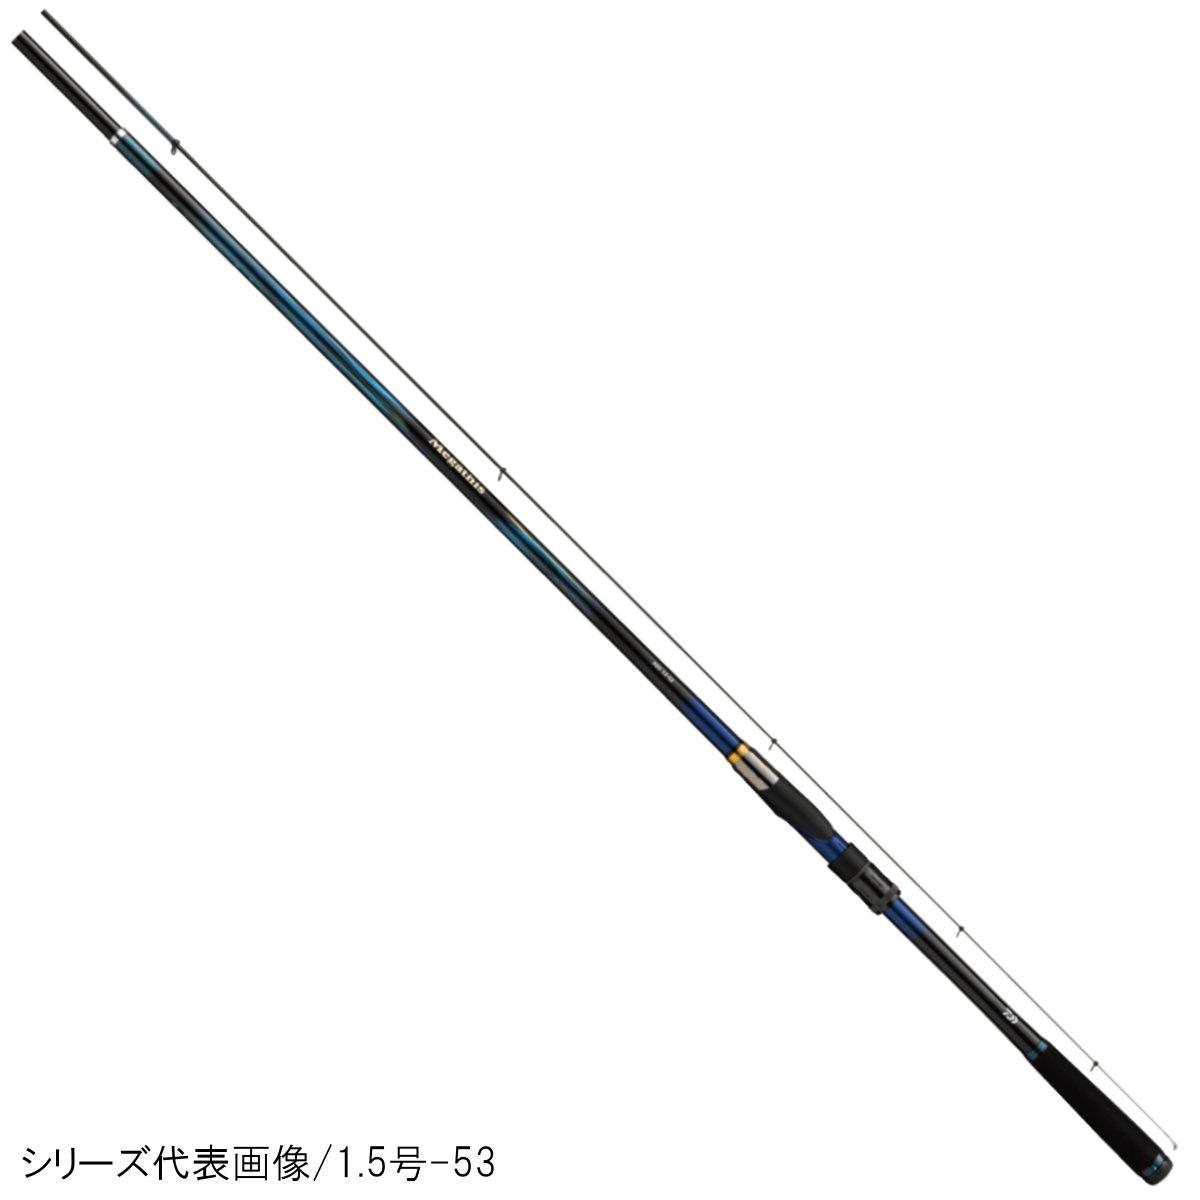 ダイワ メガディス AGS 1.5号-52 SMT【送料無料】